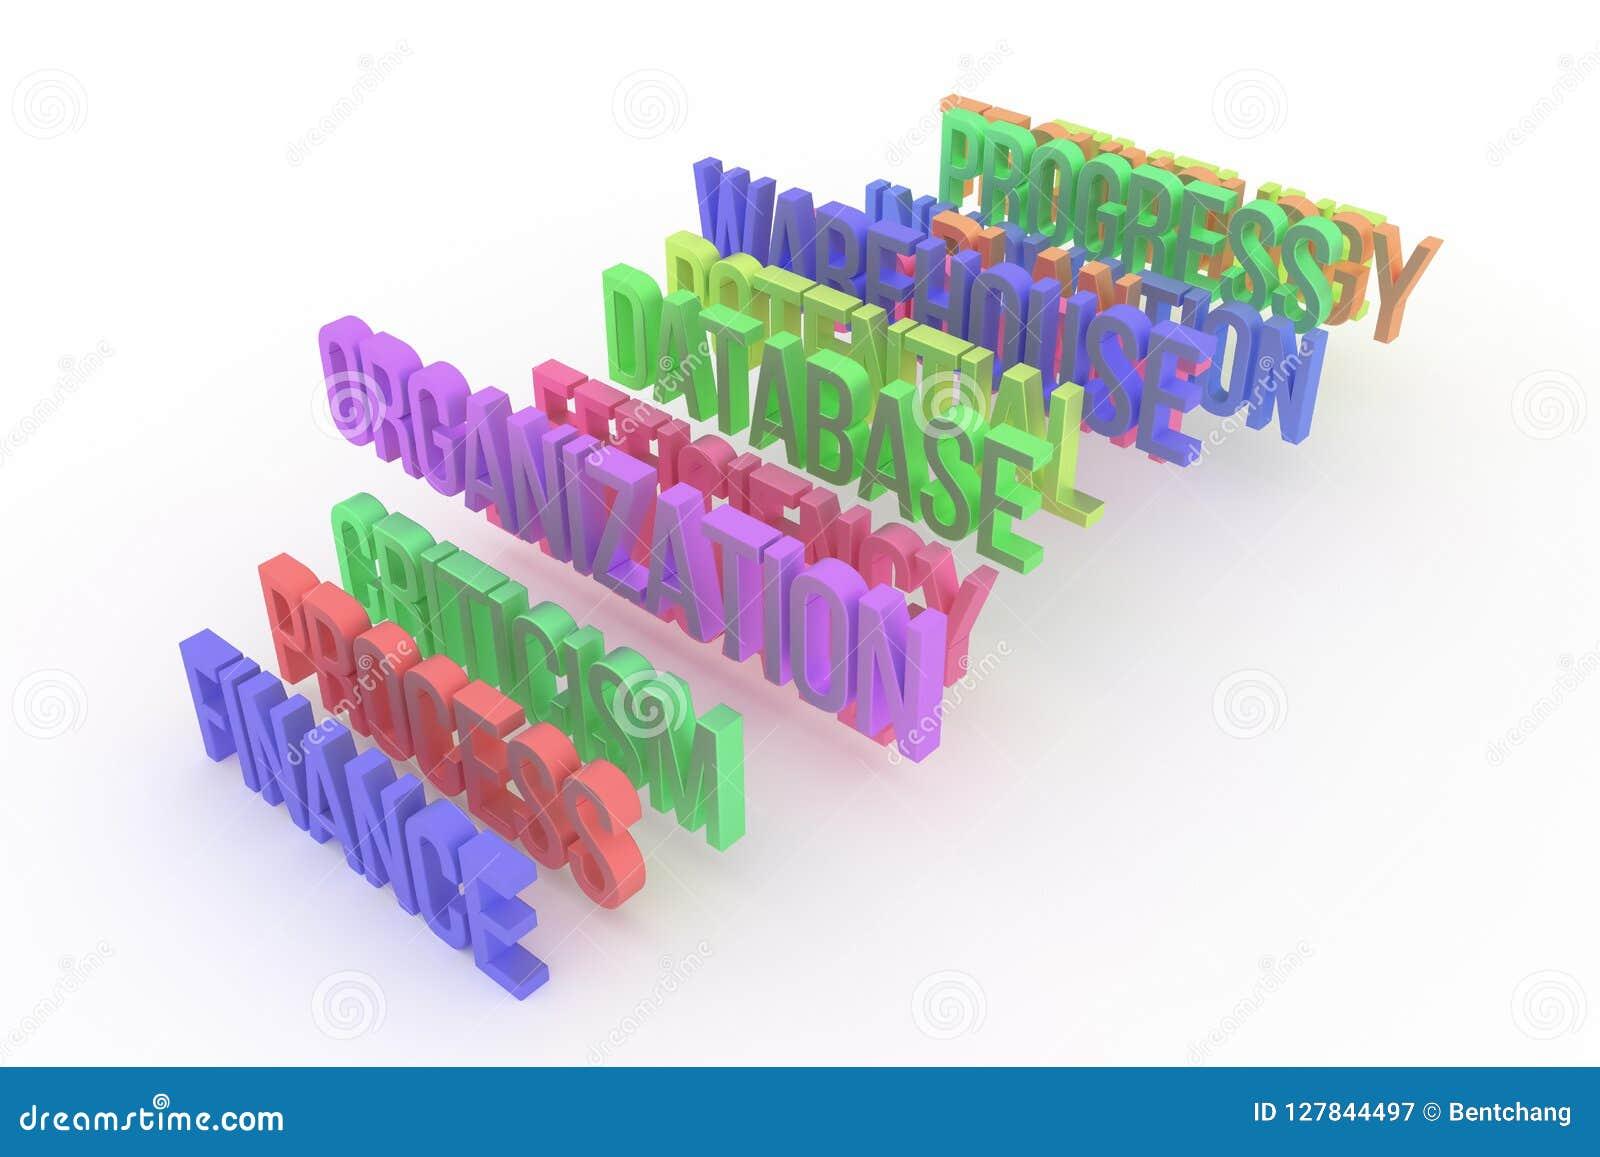 Процесс, организация & финансы, слова 3D дела схематические красочные Фон, обои, конспект & оформление